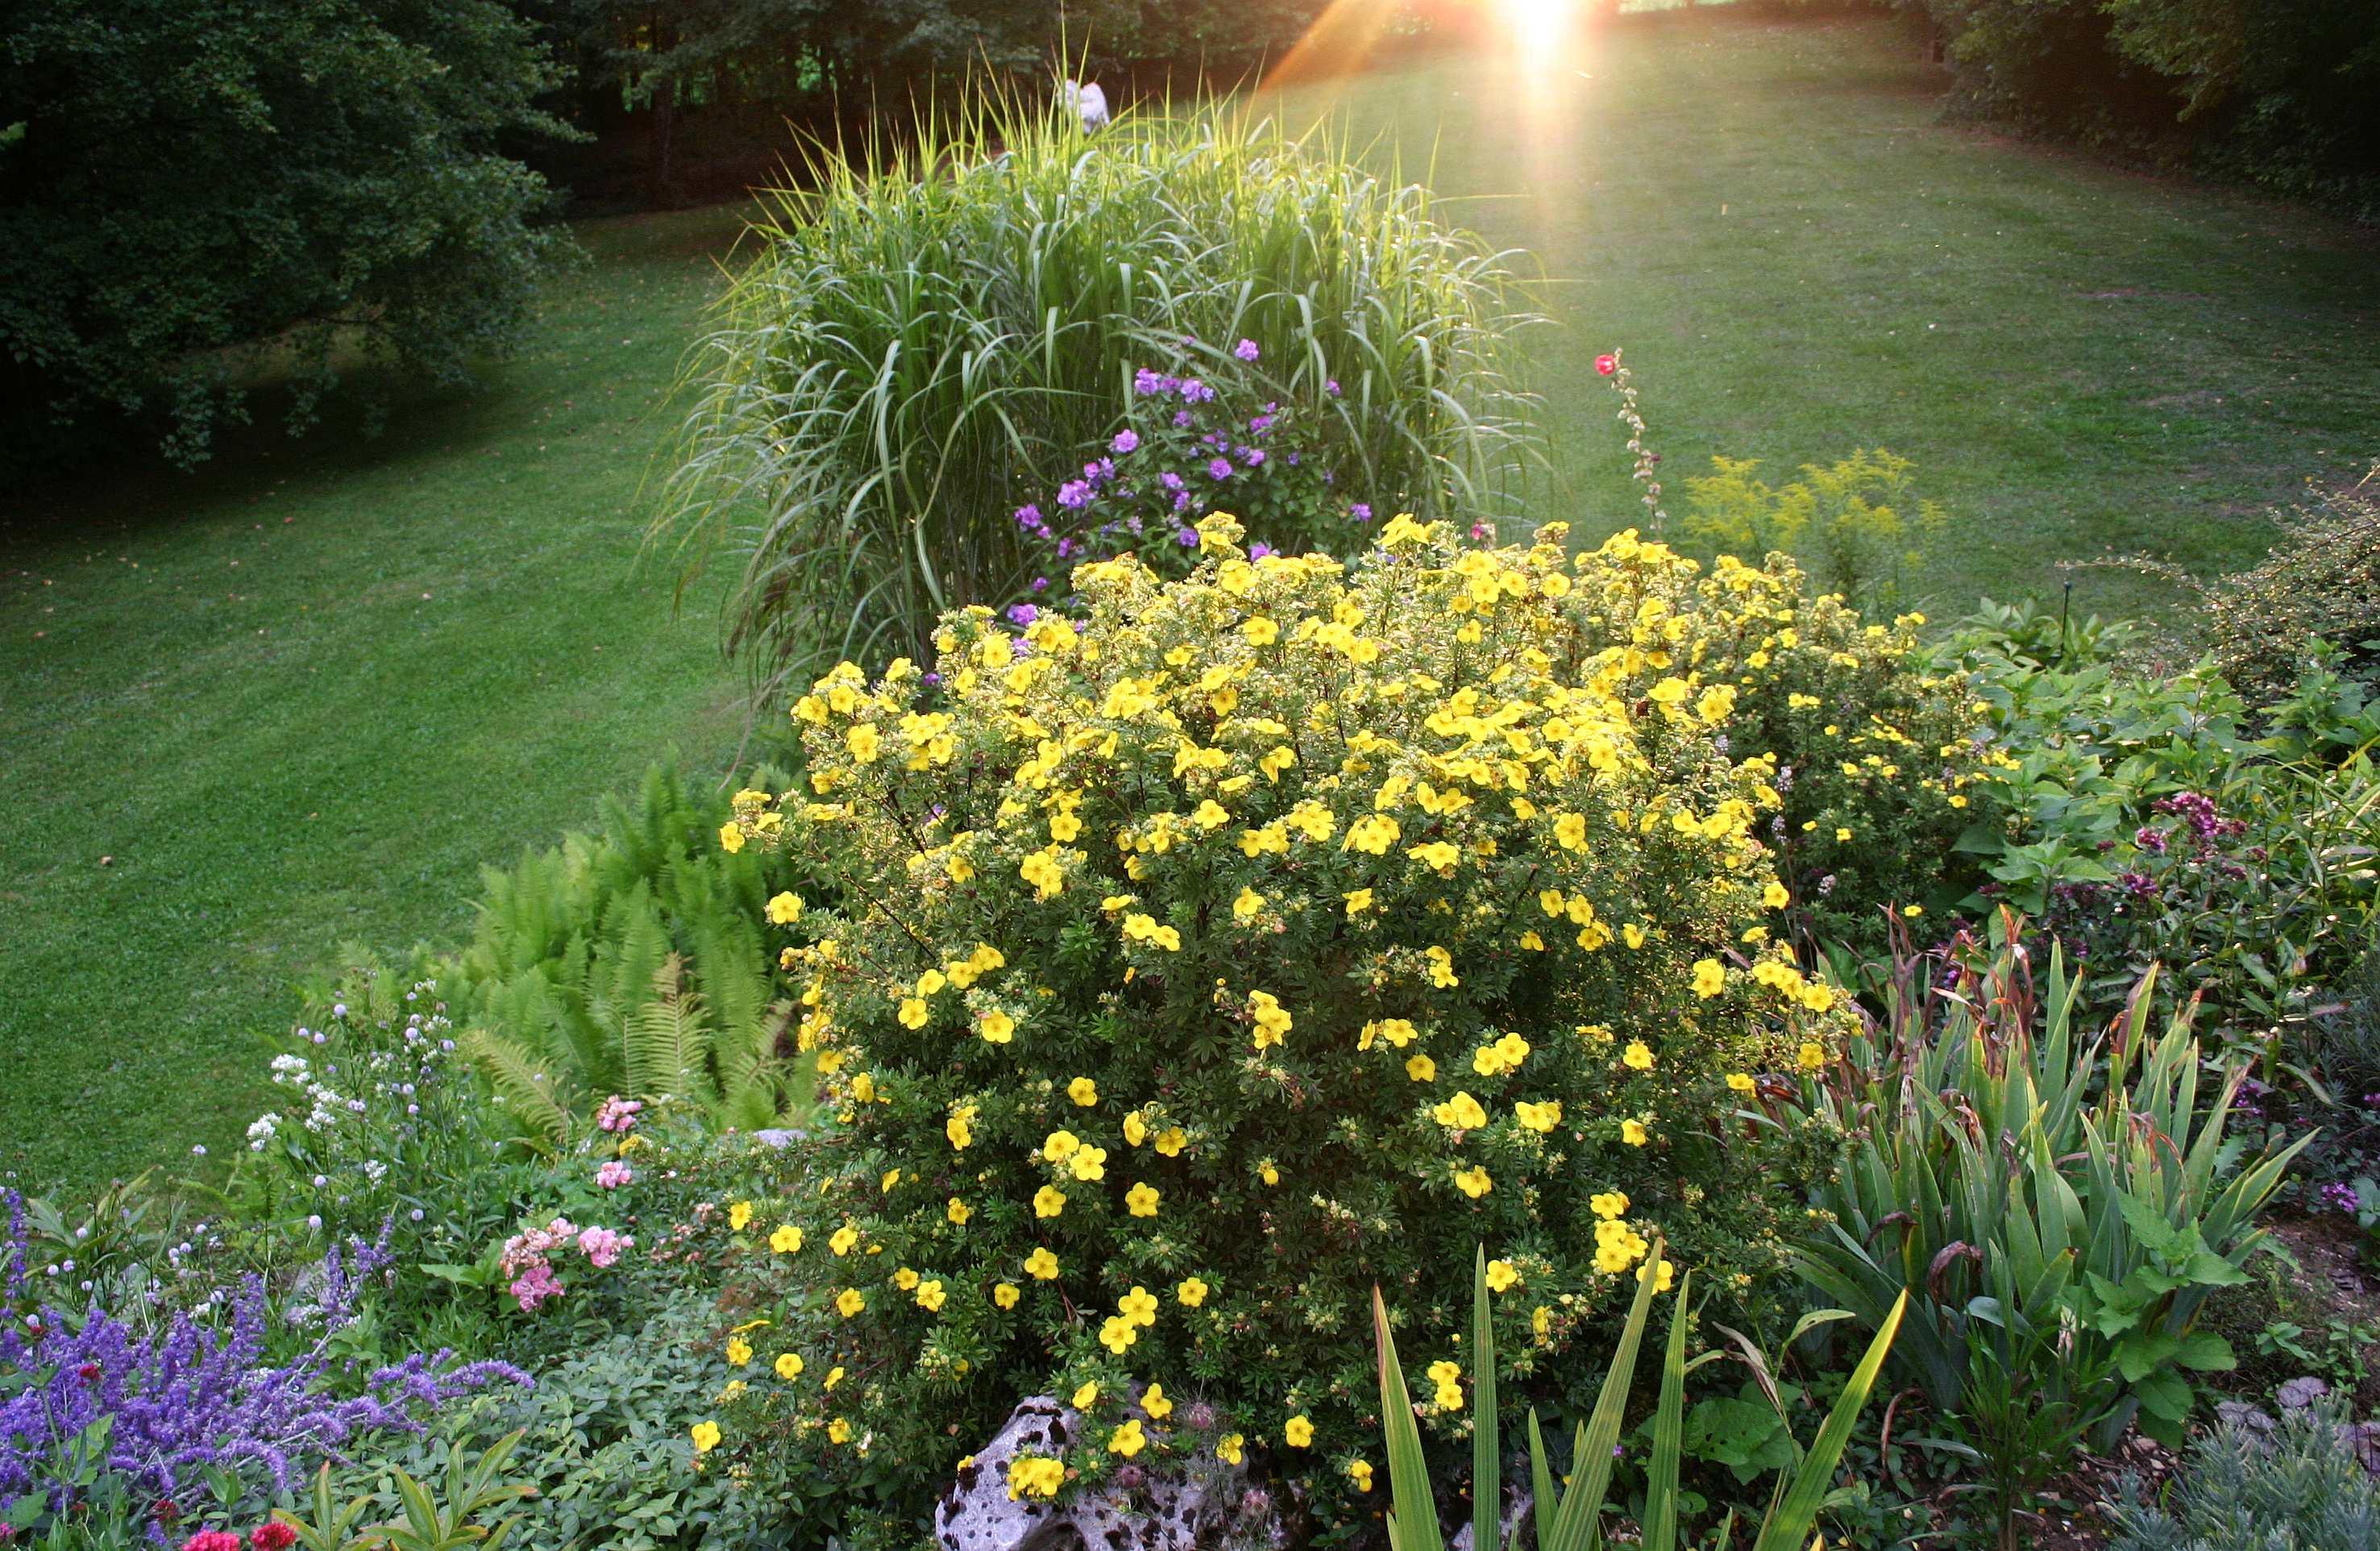 Многолетники и кустарники в кадках: какие растения можно выращивать в контейнерной культуре?